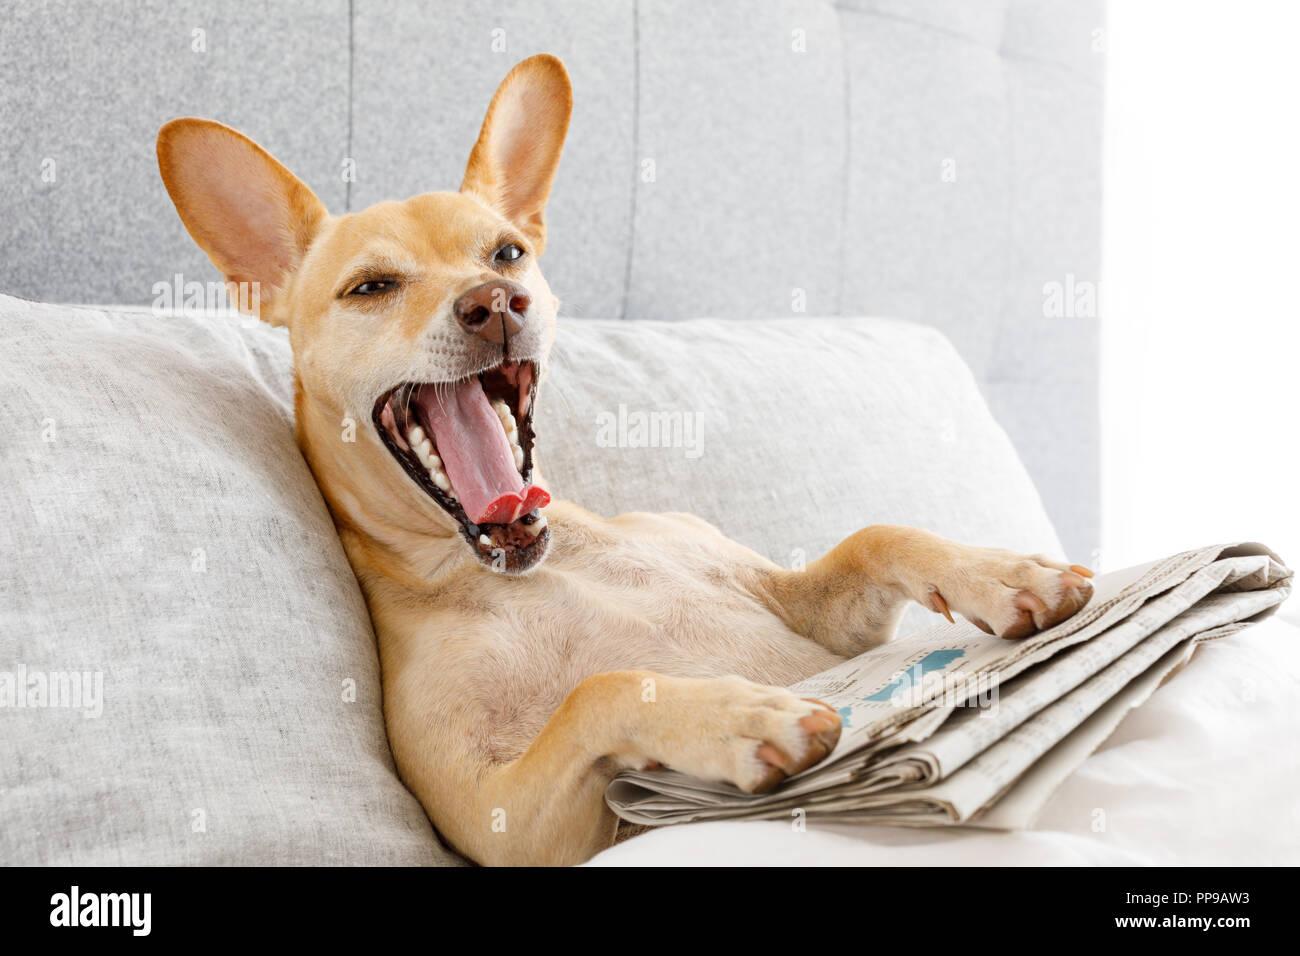 Cane in riposo a letto e sbadigliamento , con quotidiano , di ...